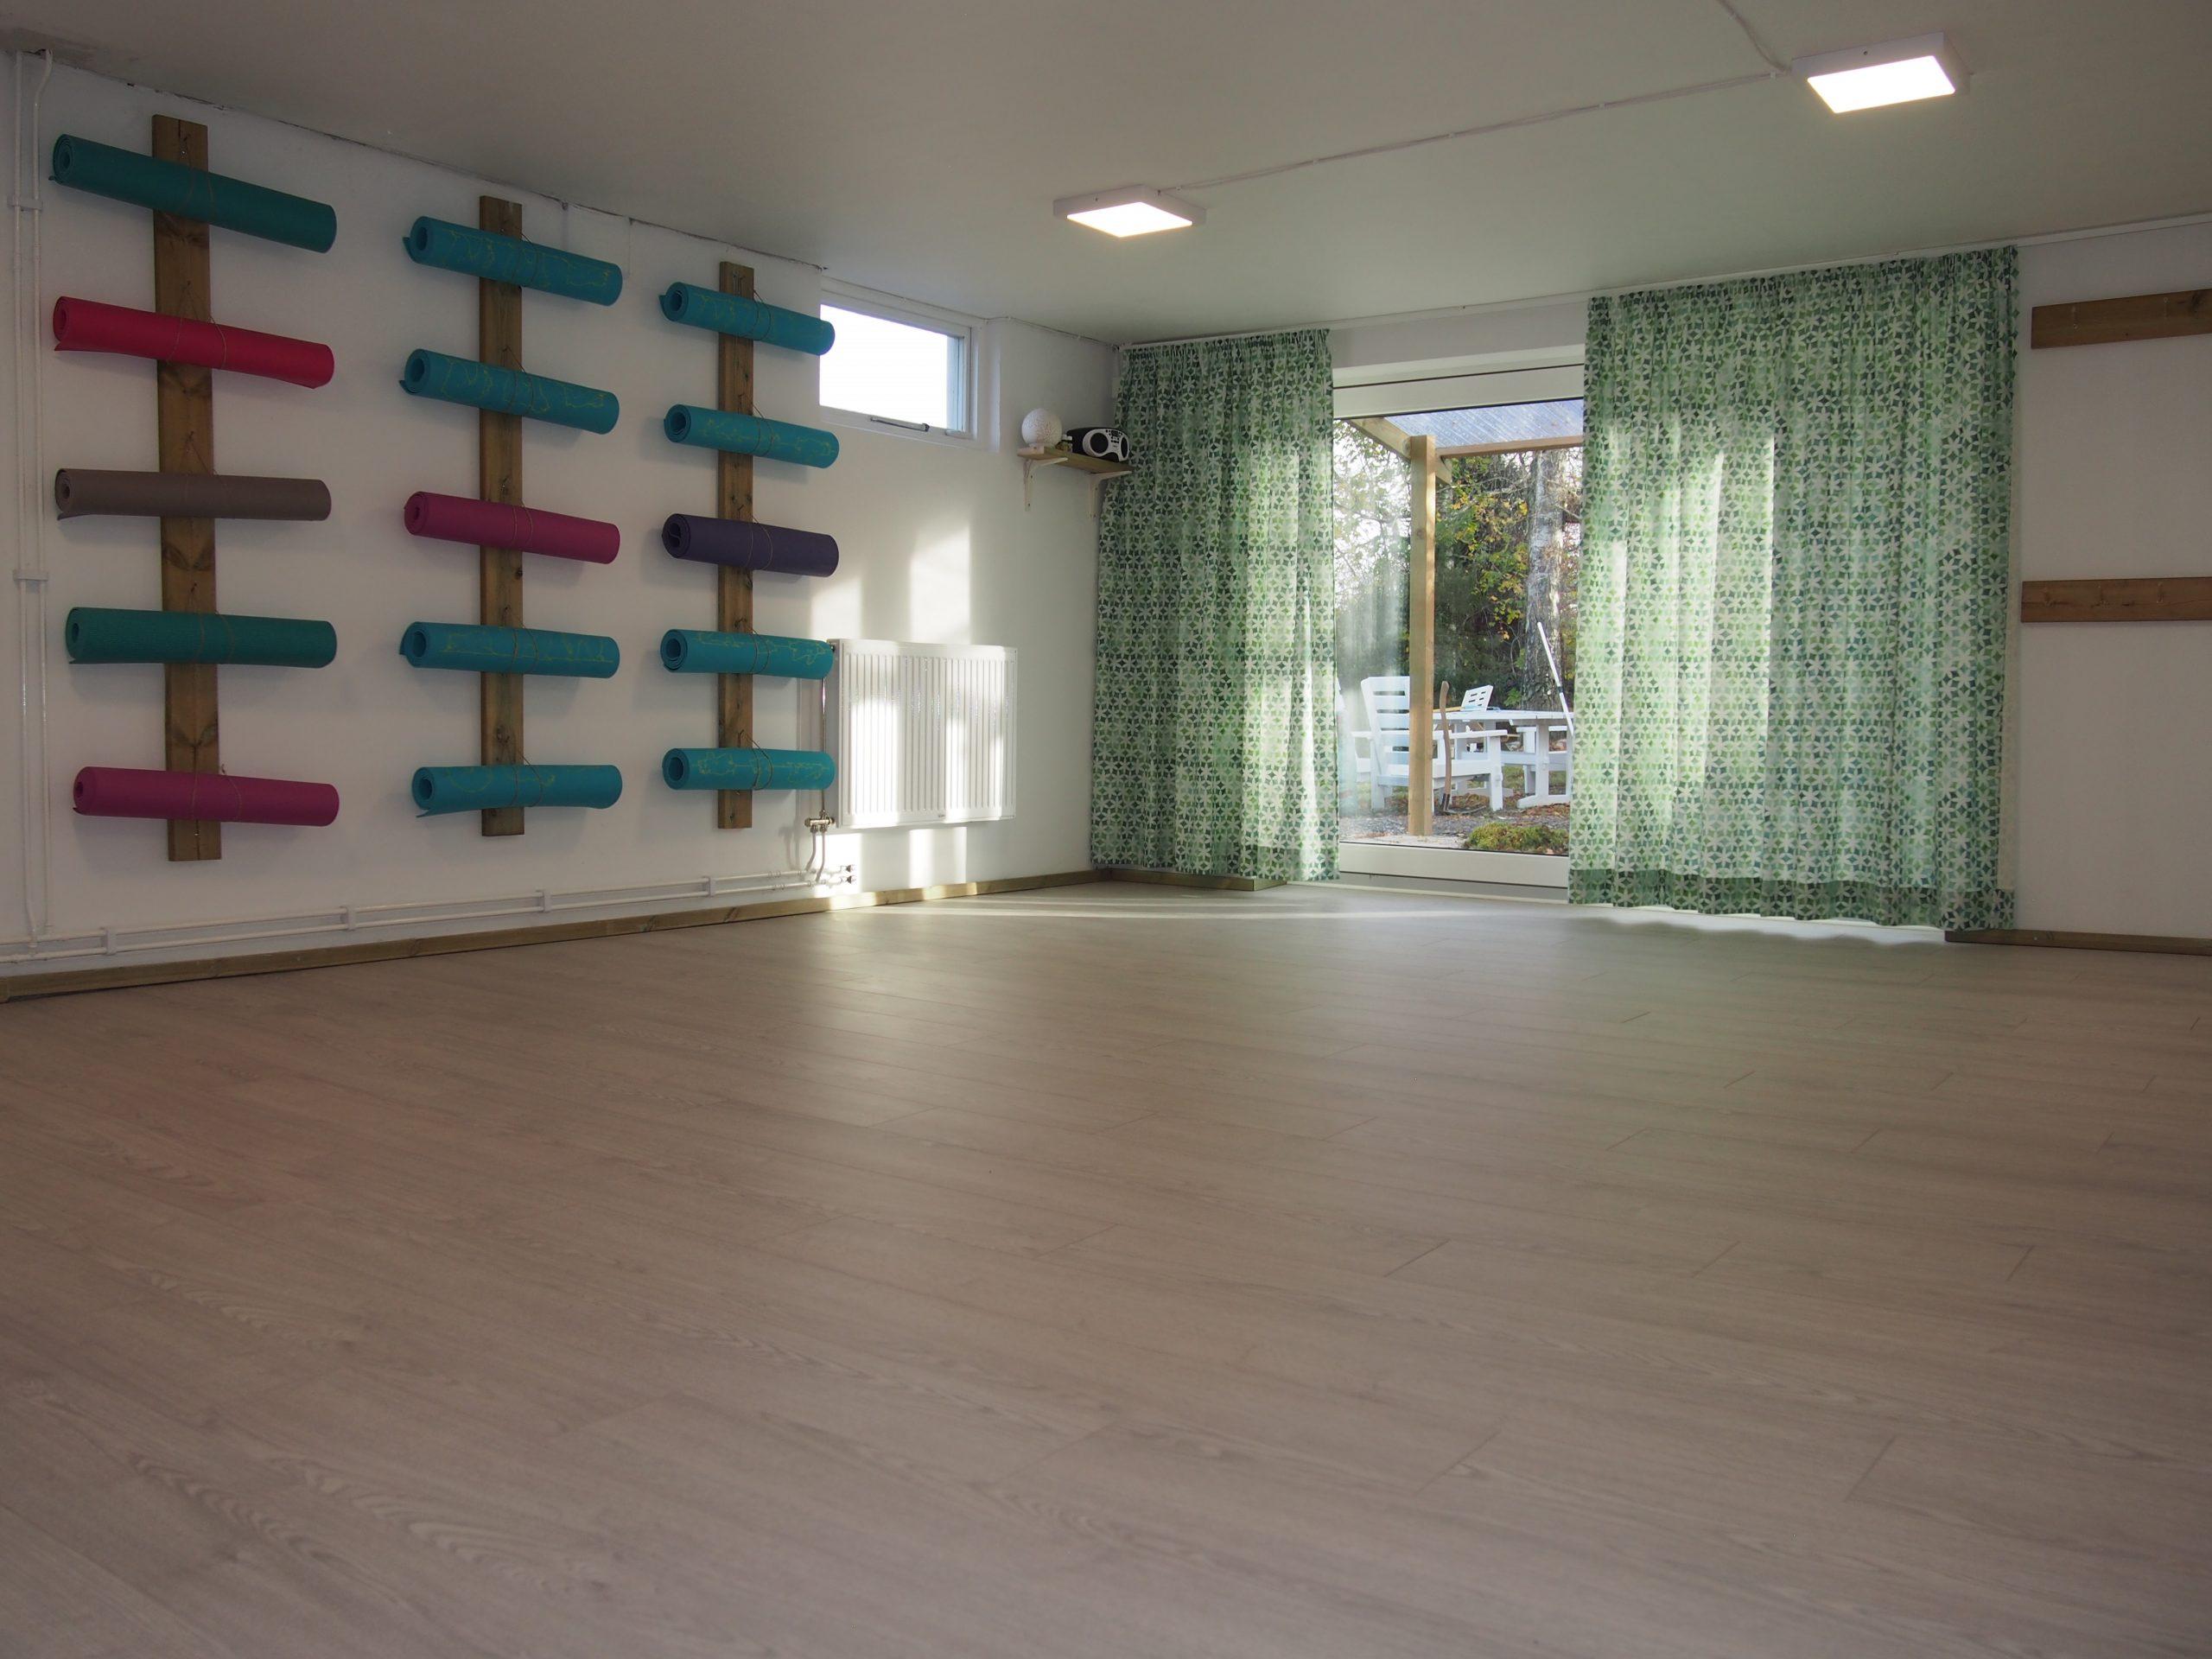 Log In Yoga, Yoga studio in Åkersberga, Yoga studio in Täby, Yoga in Åkersberga, Yoga in Täby, Hatha Yoga in Åkersberga, Yoga i Rydbo, Yoga i Arninge, Yoga studio with english classes in stockolm and surroundings,